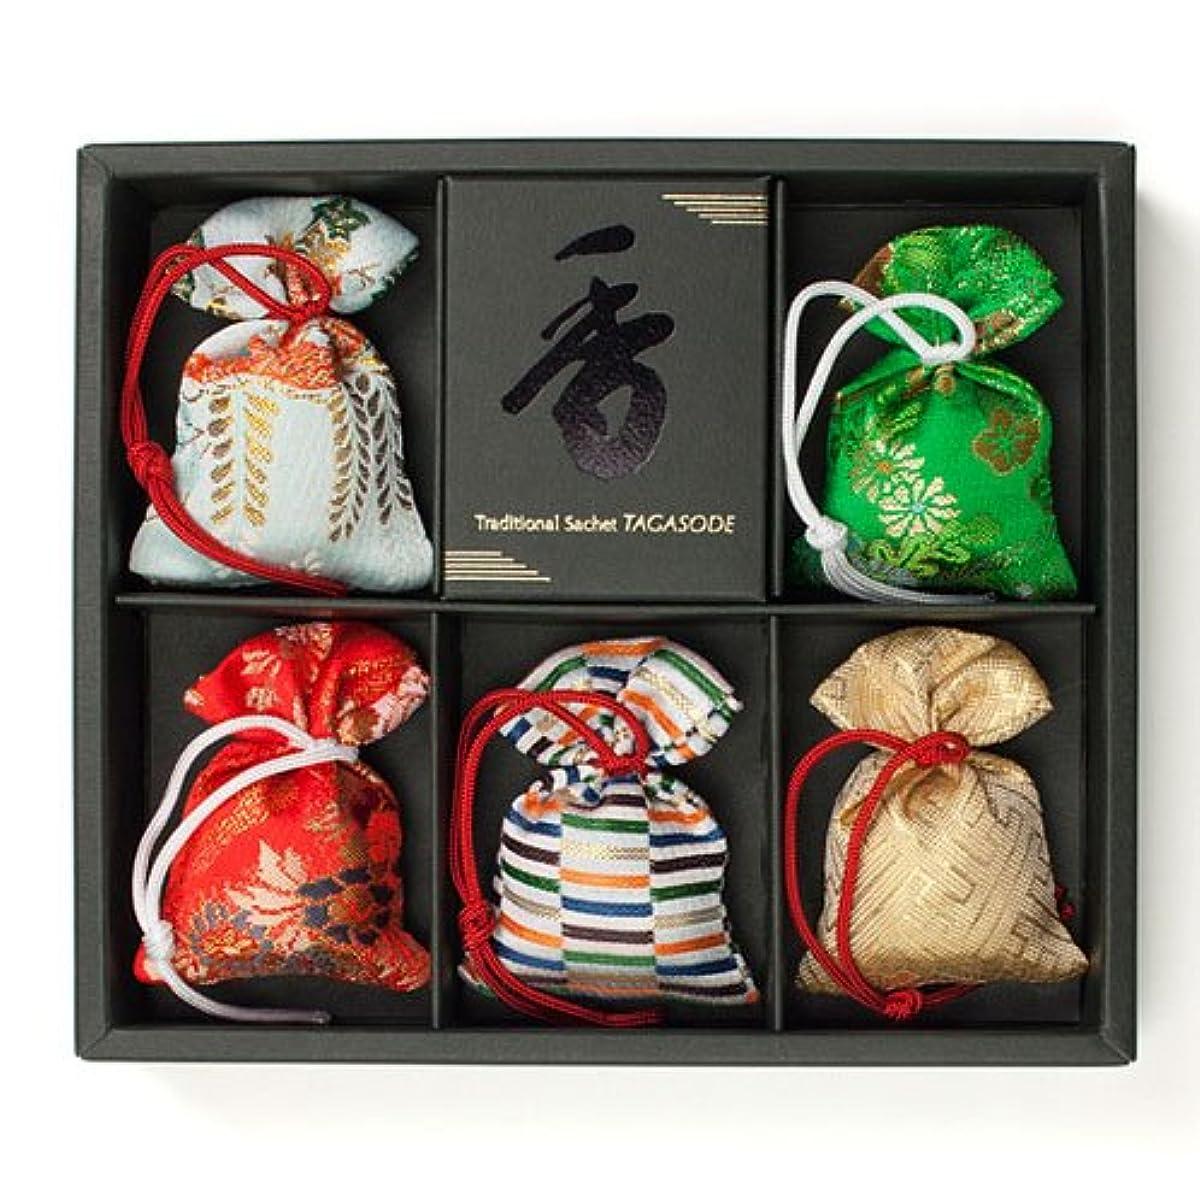 速い簡略化する挨拶する匂い袋 誰が袖 極品 5個入 松栄堂 Shoyeido 本体長さ60mm (色?柄は選べません)